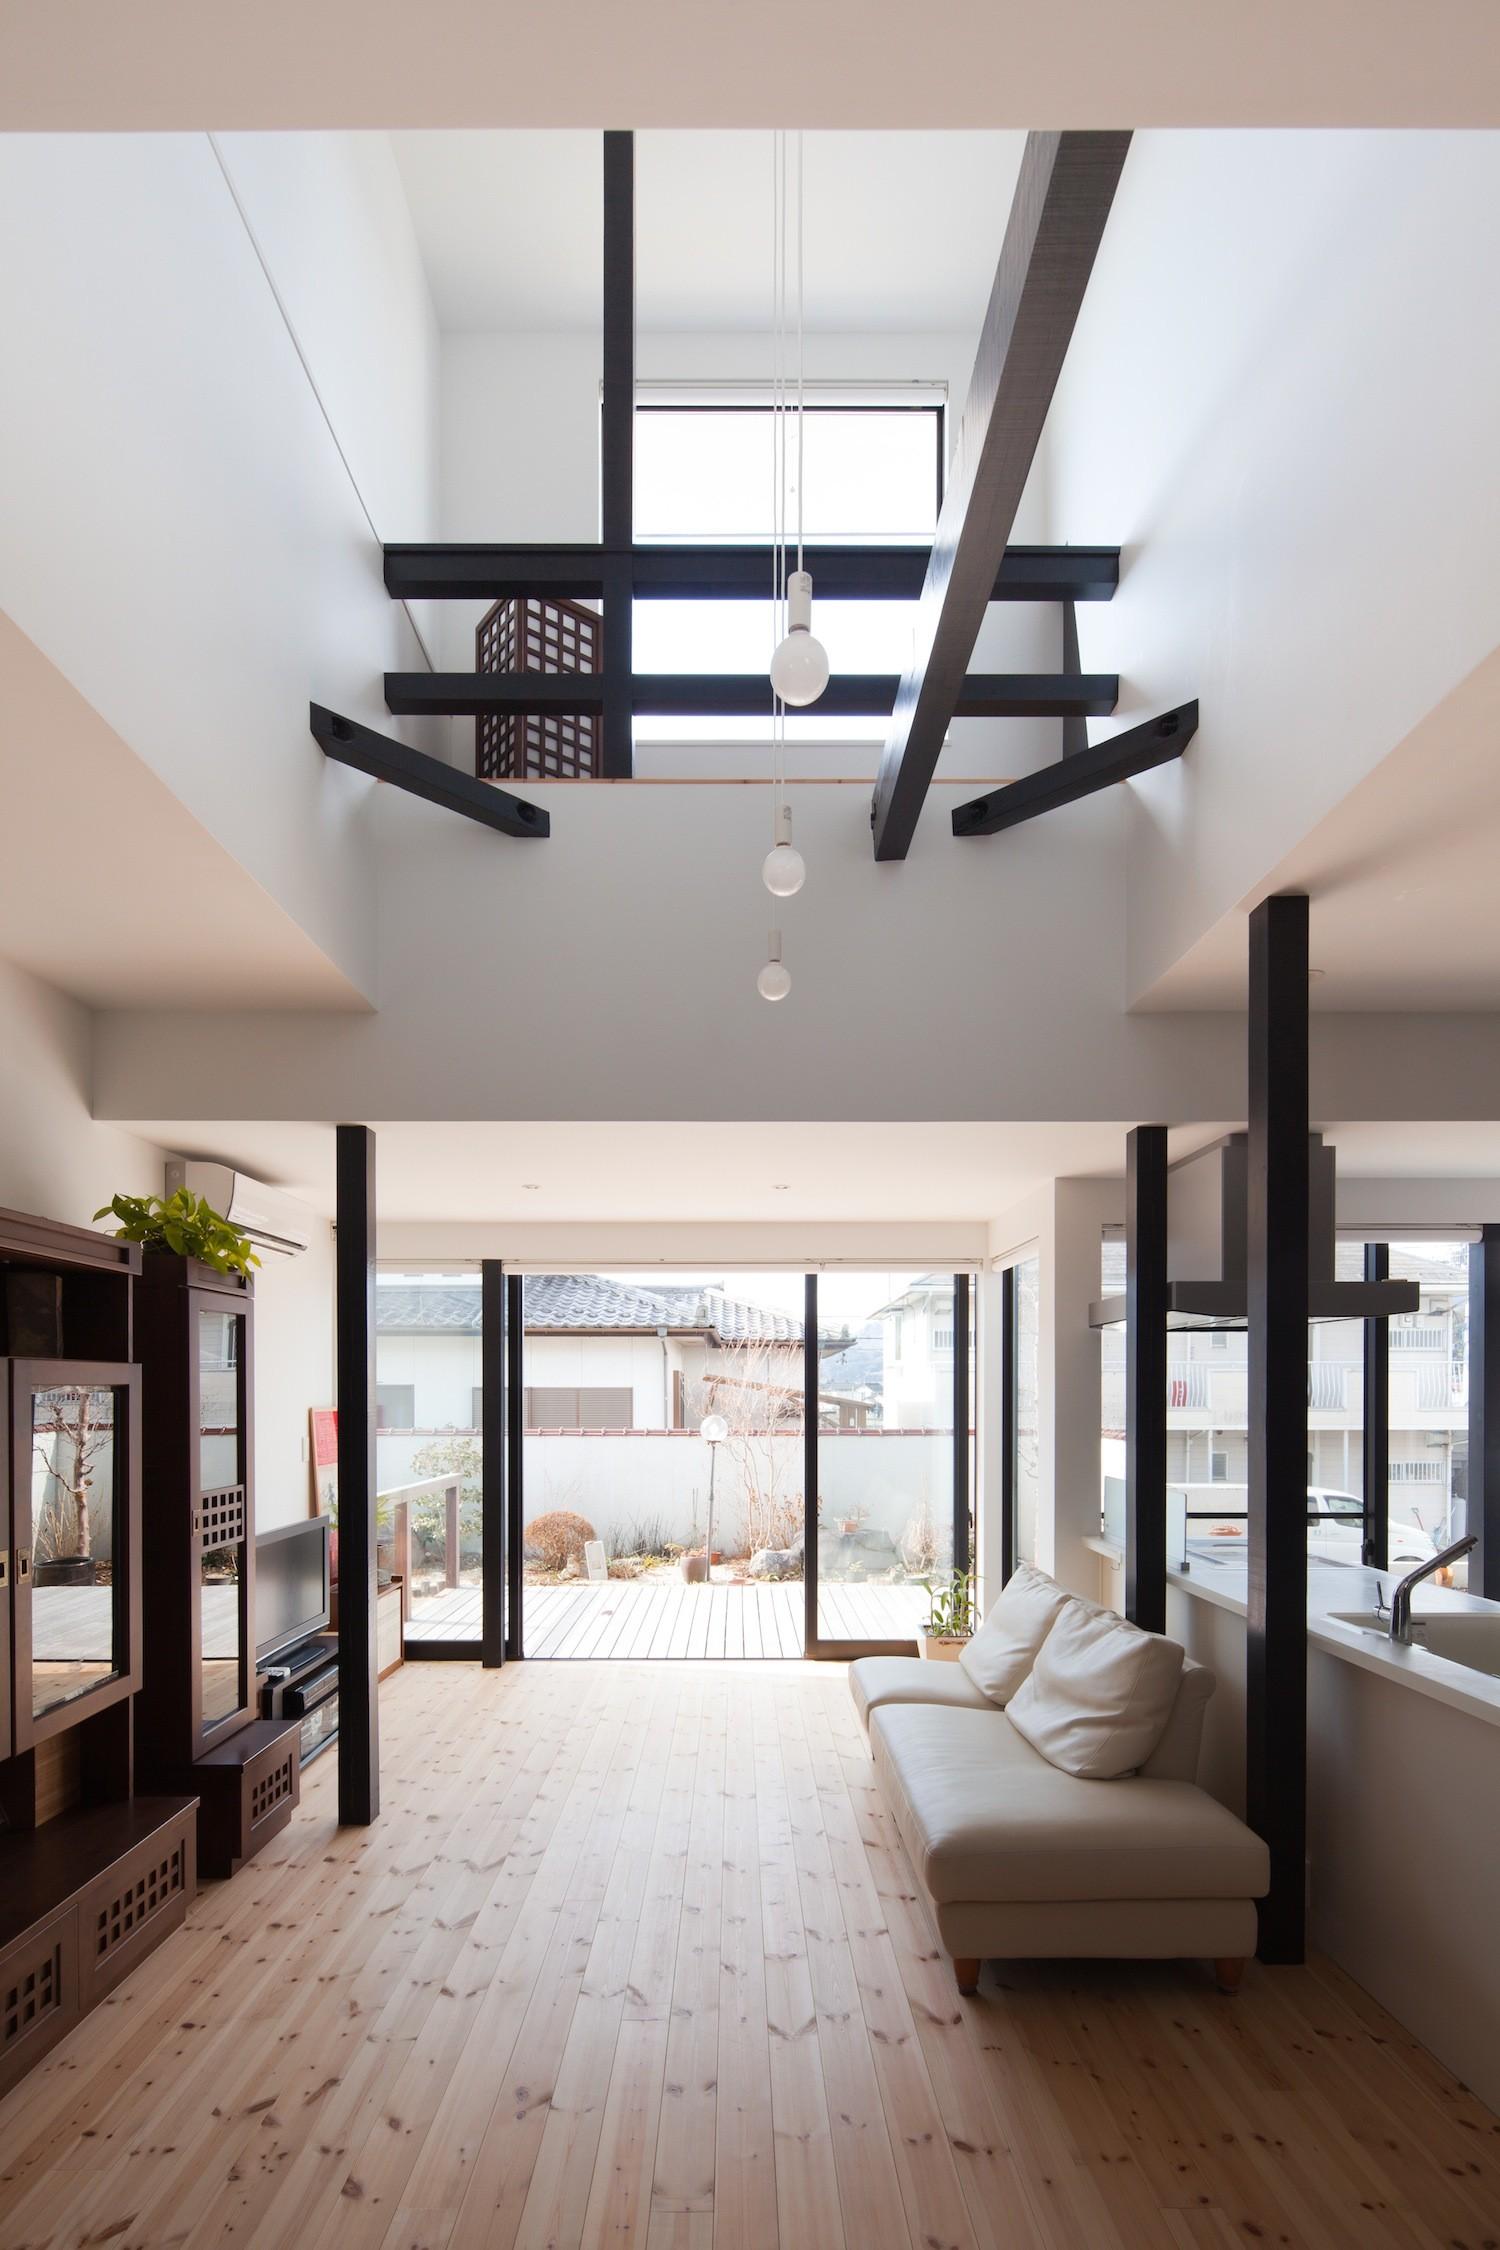 リビングダイニング事例:リノベーション後のリビングダイニング(木造築30年「フルリノベーション+増築」で二世帯住宅に改築 OUCHI-23)